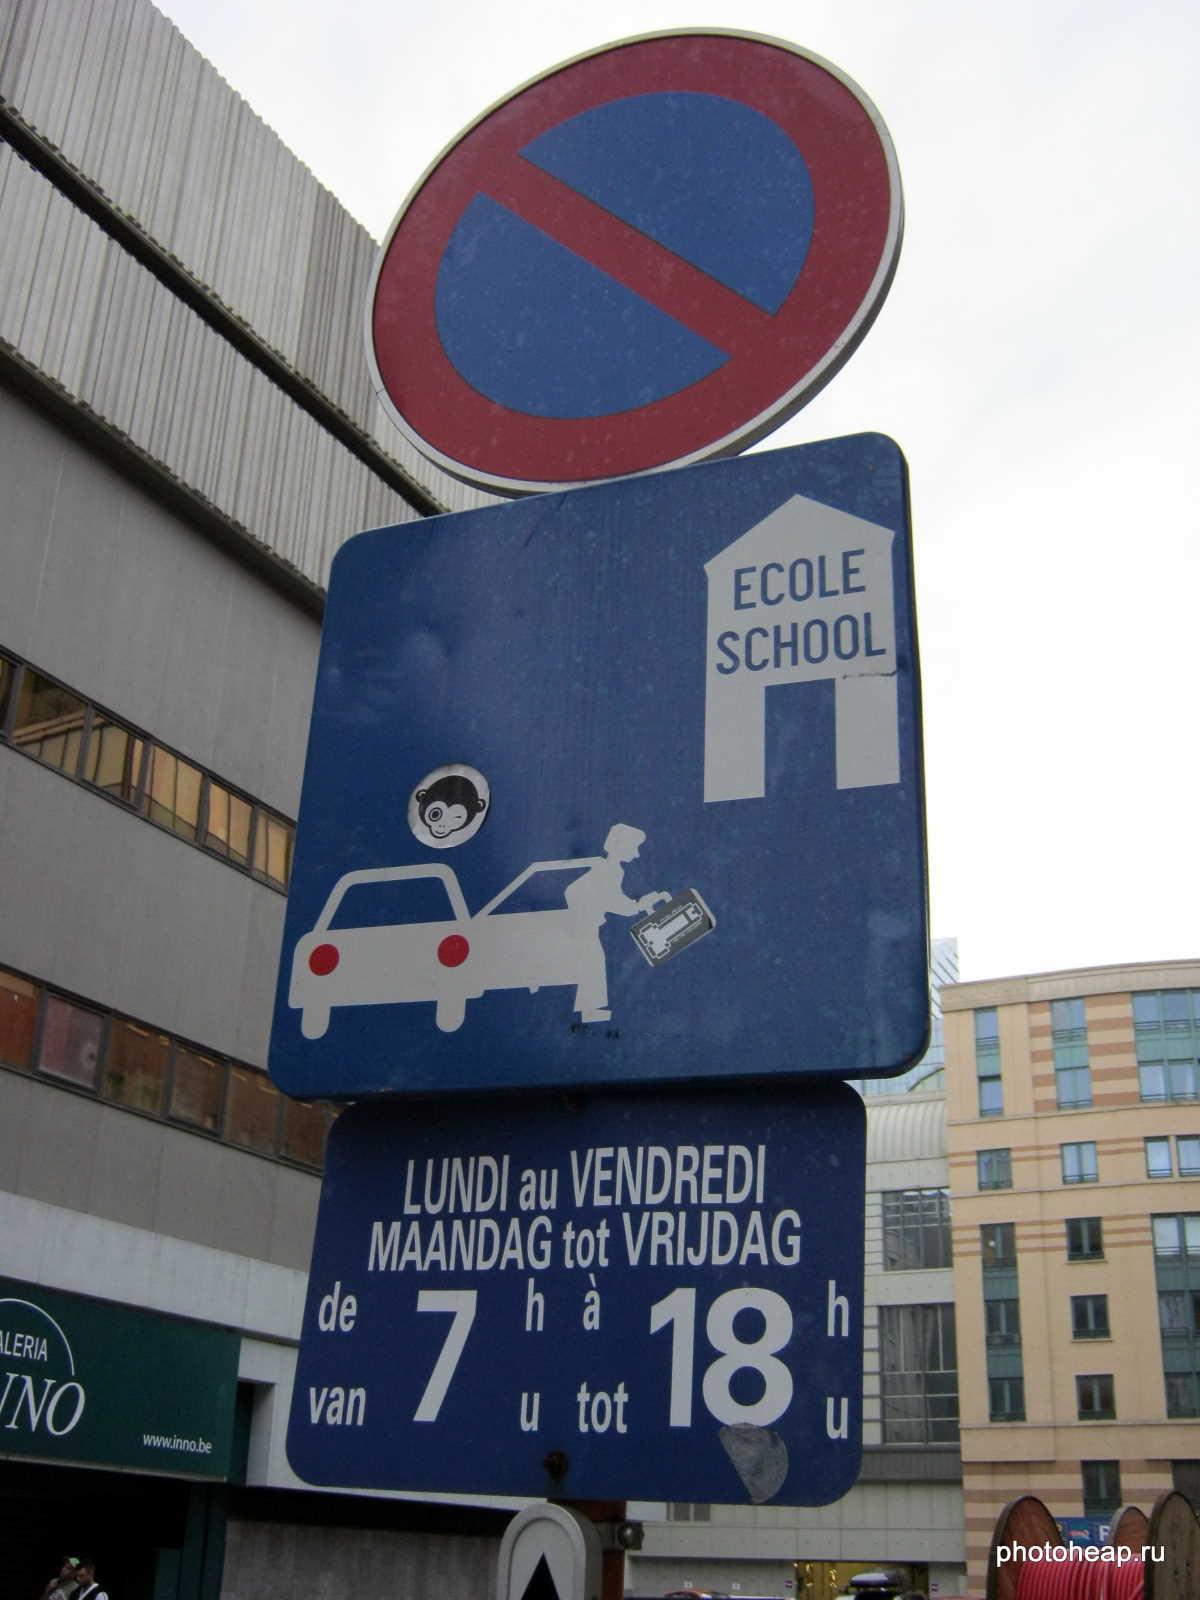 Brussels - Ecole School